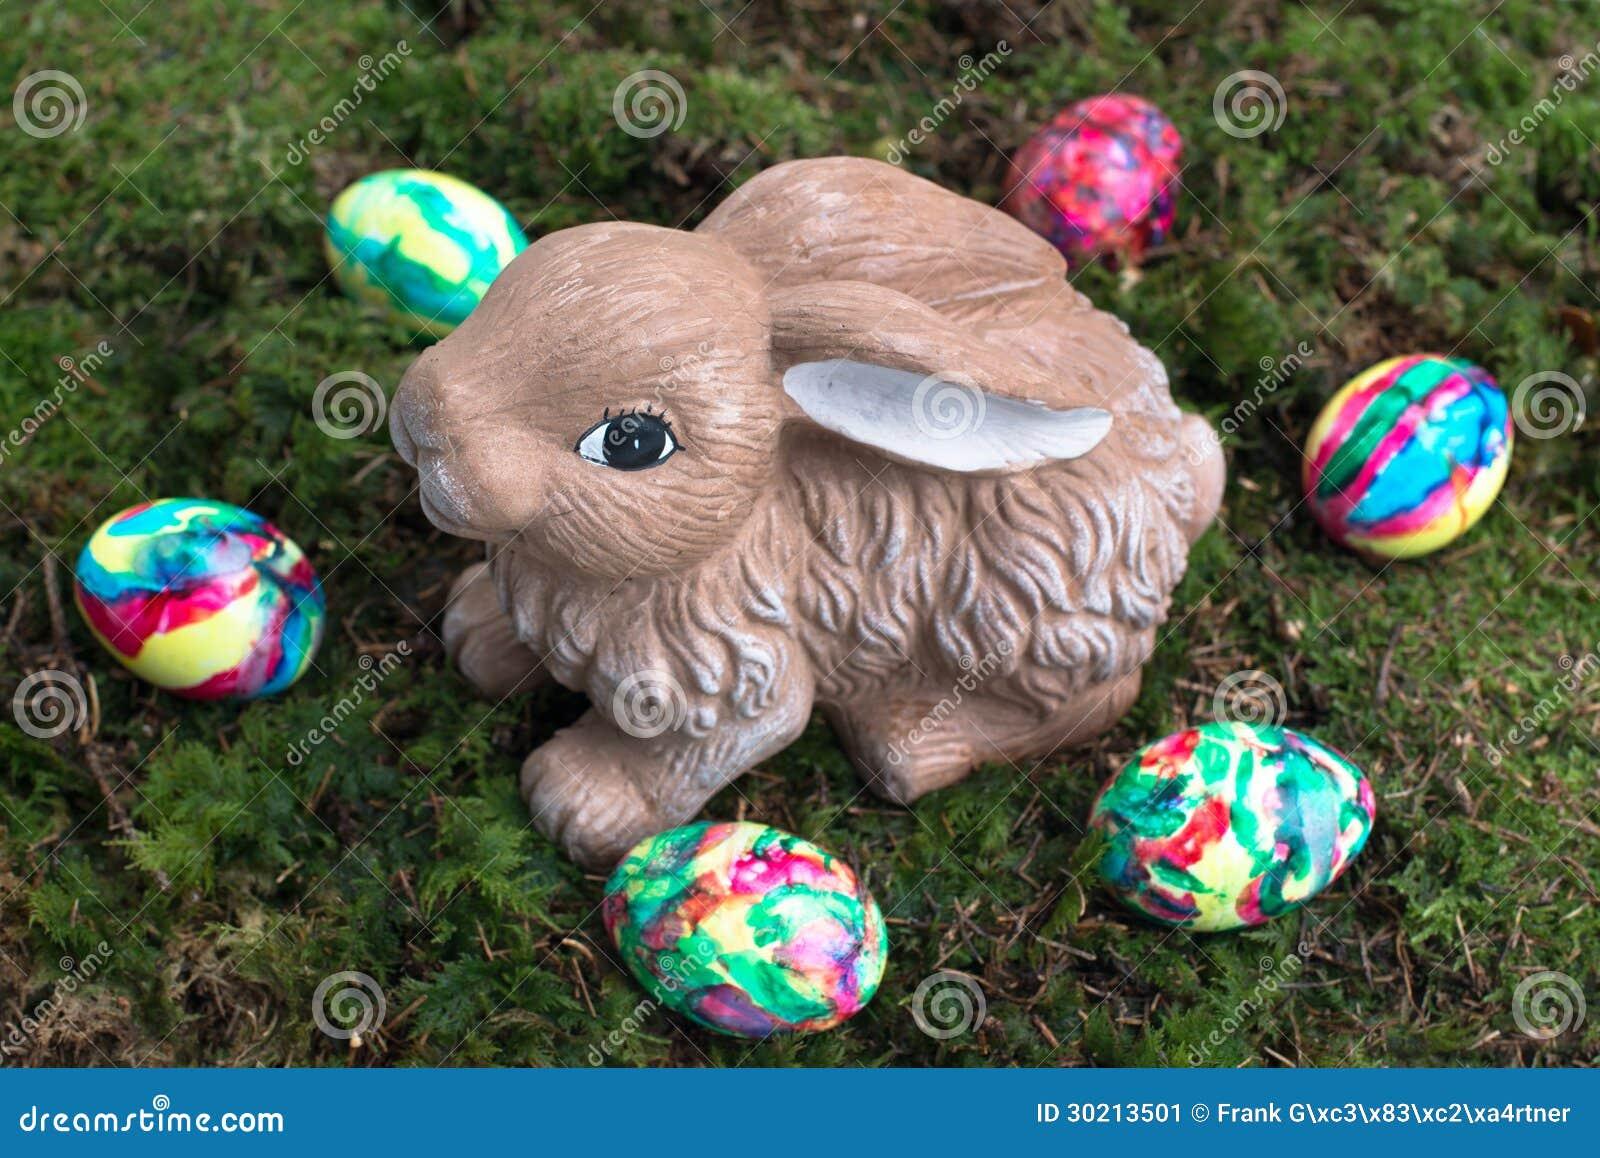 Ostern Dekoration Gemalte Eier Und Kaninchen Auf Moos